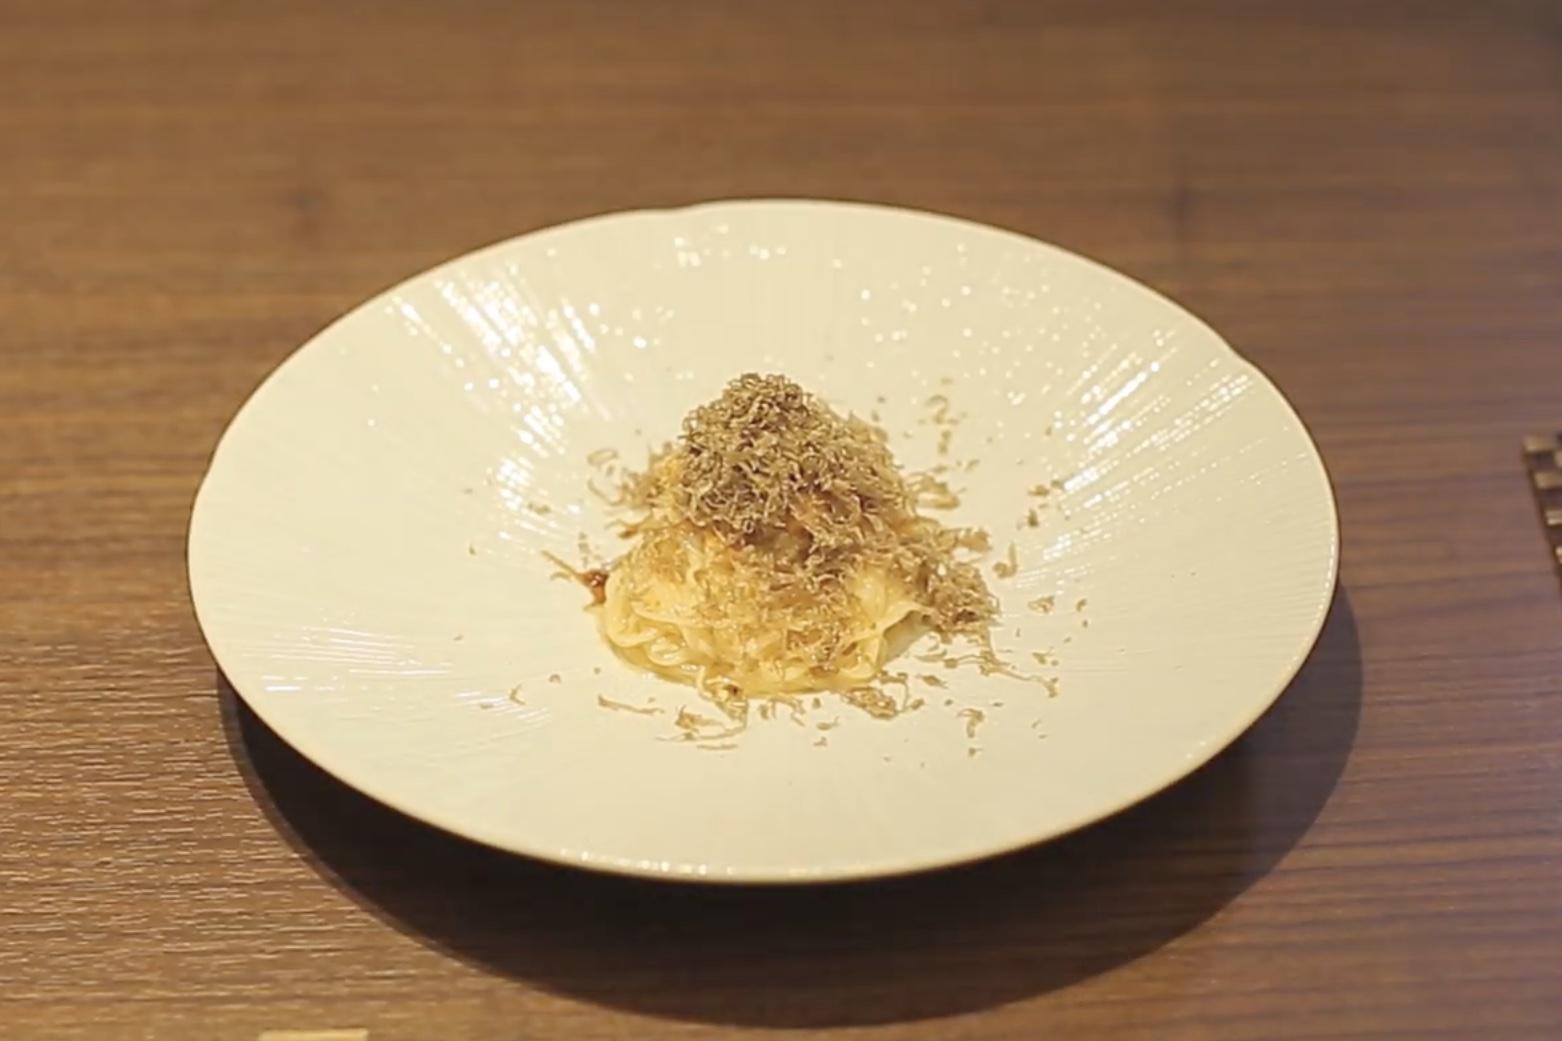 ウニとトリュフの冷製ビーフン|中国菜 エスサワダ